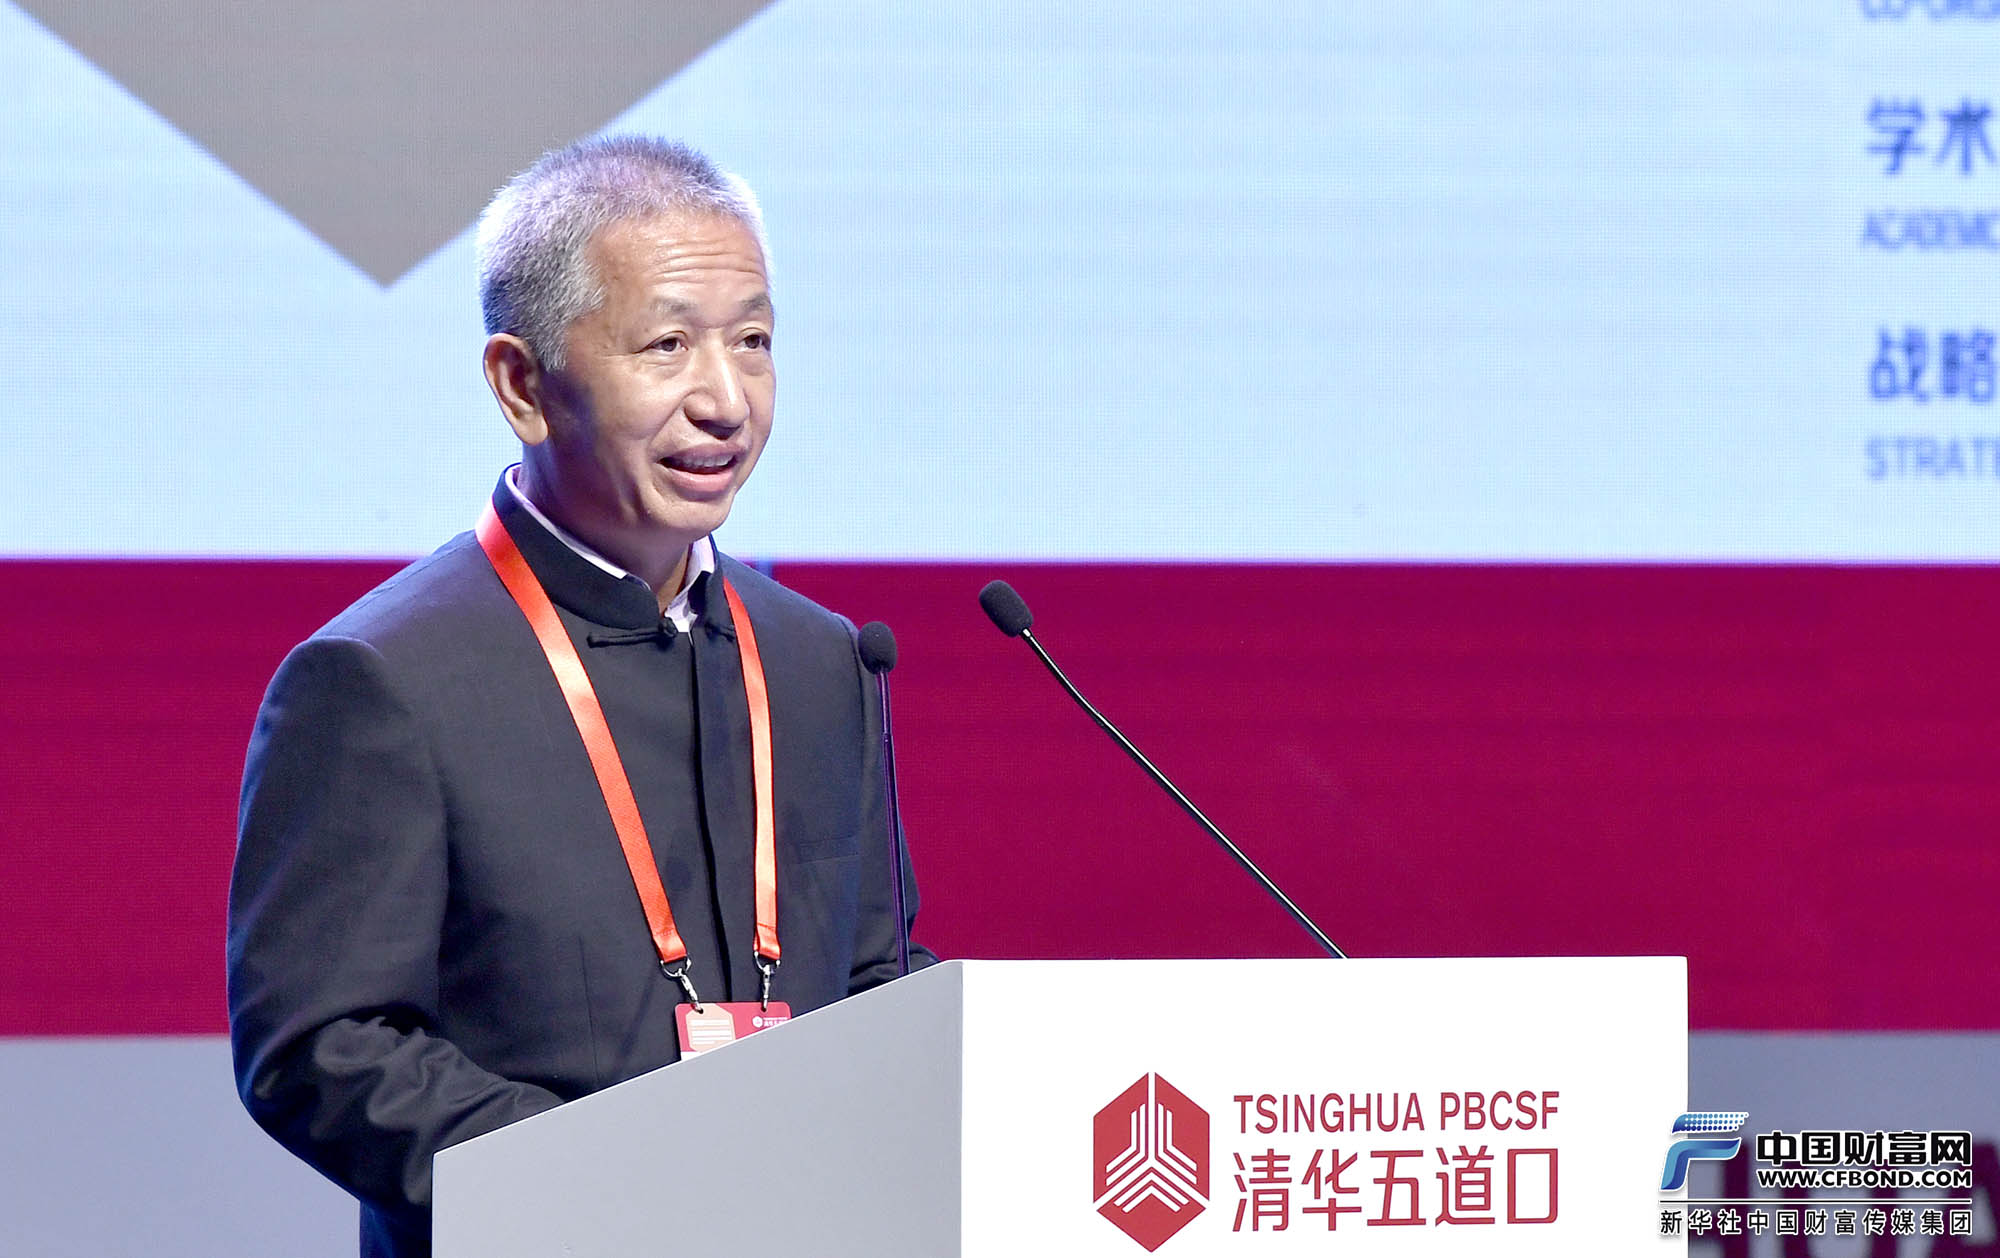 演讲嘉宾:中国文化产业投资基金秘书长朱建程